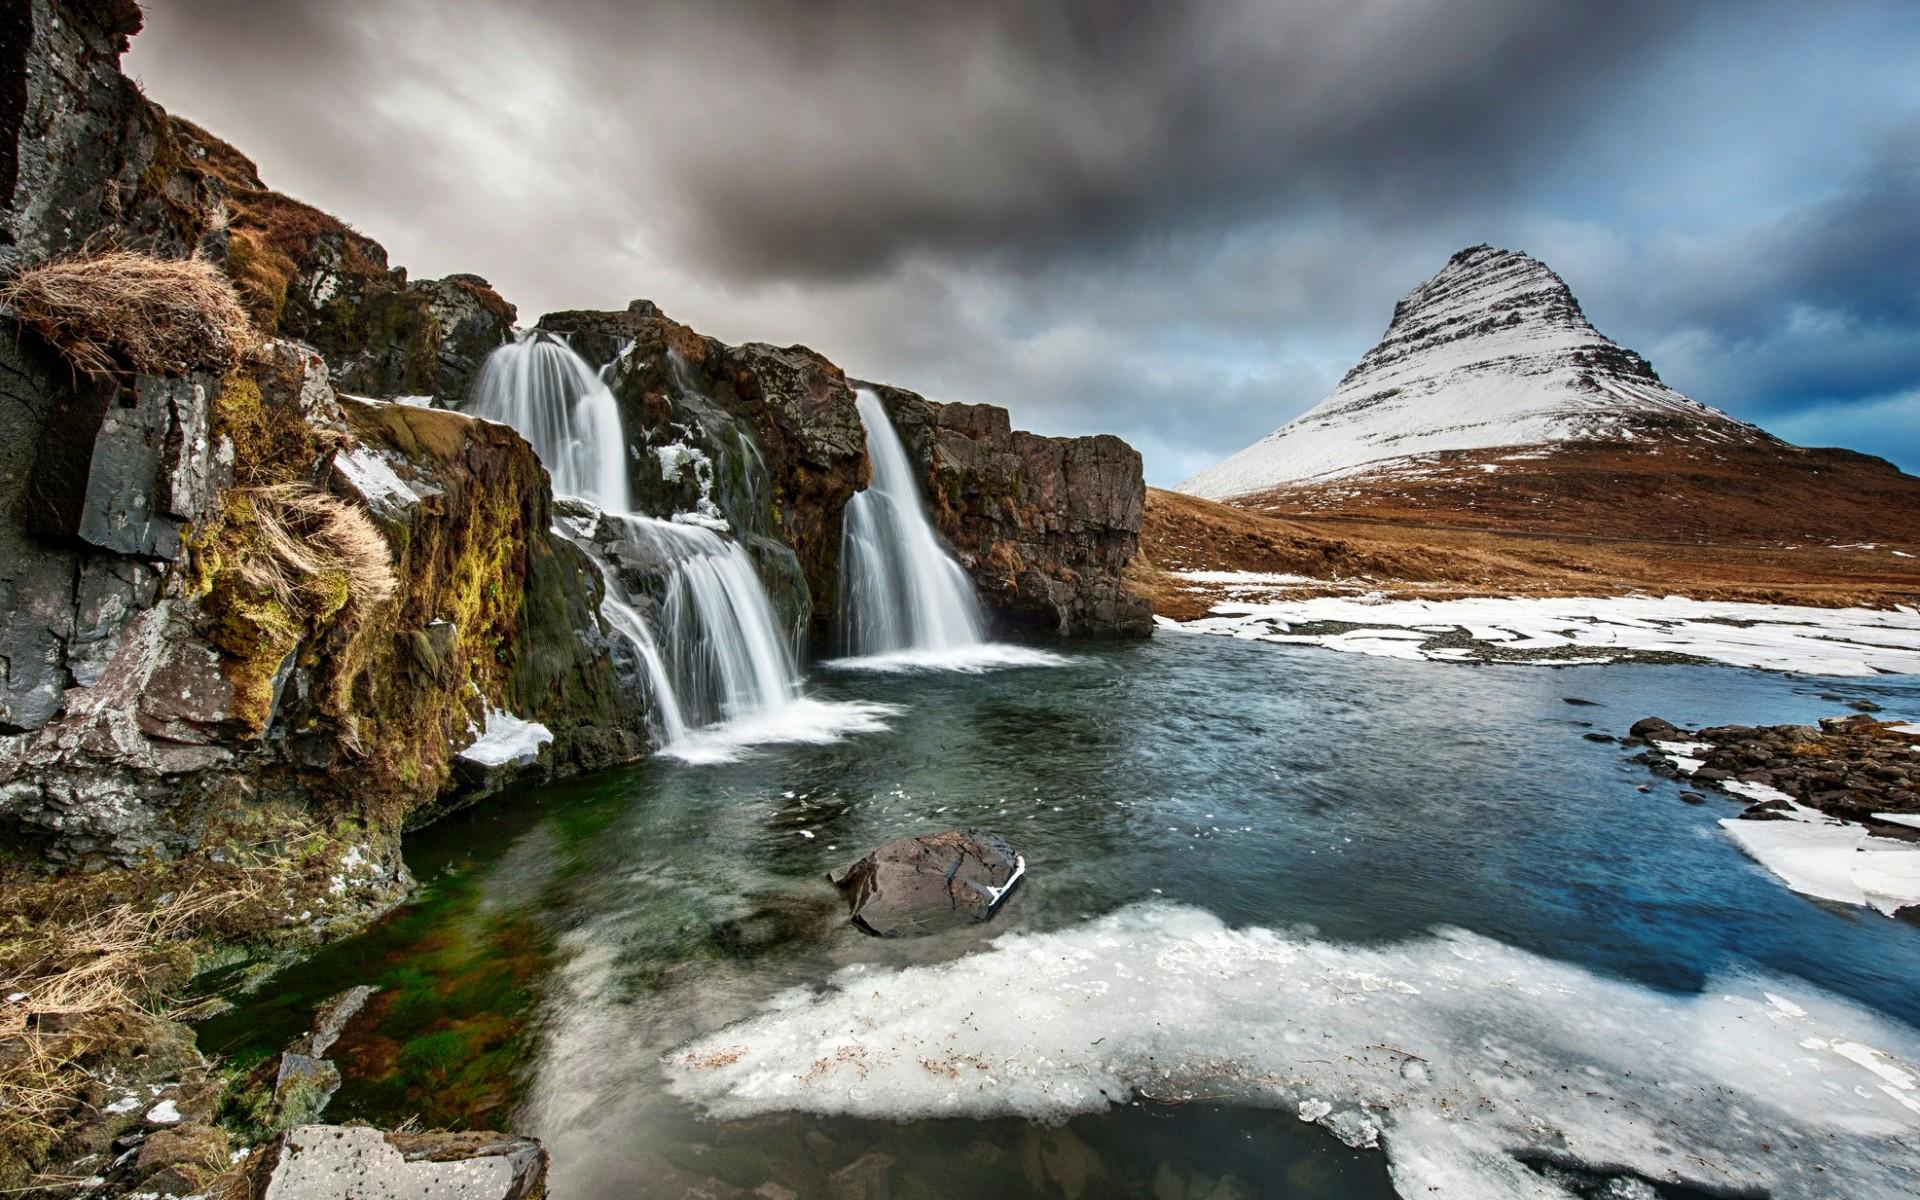 водопад камни скала скачать